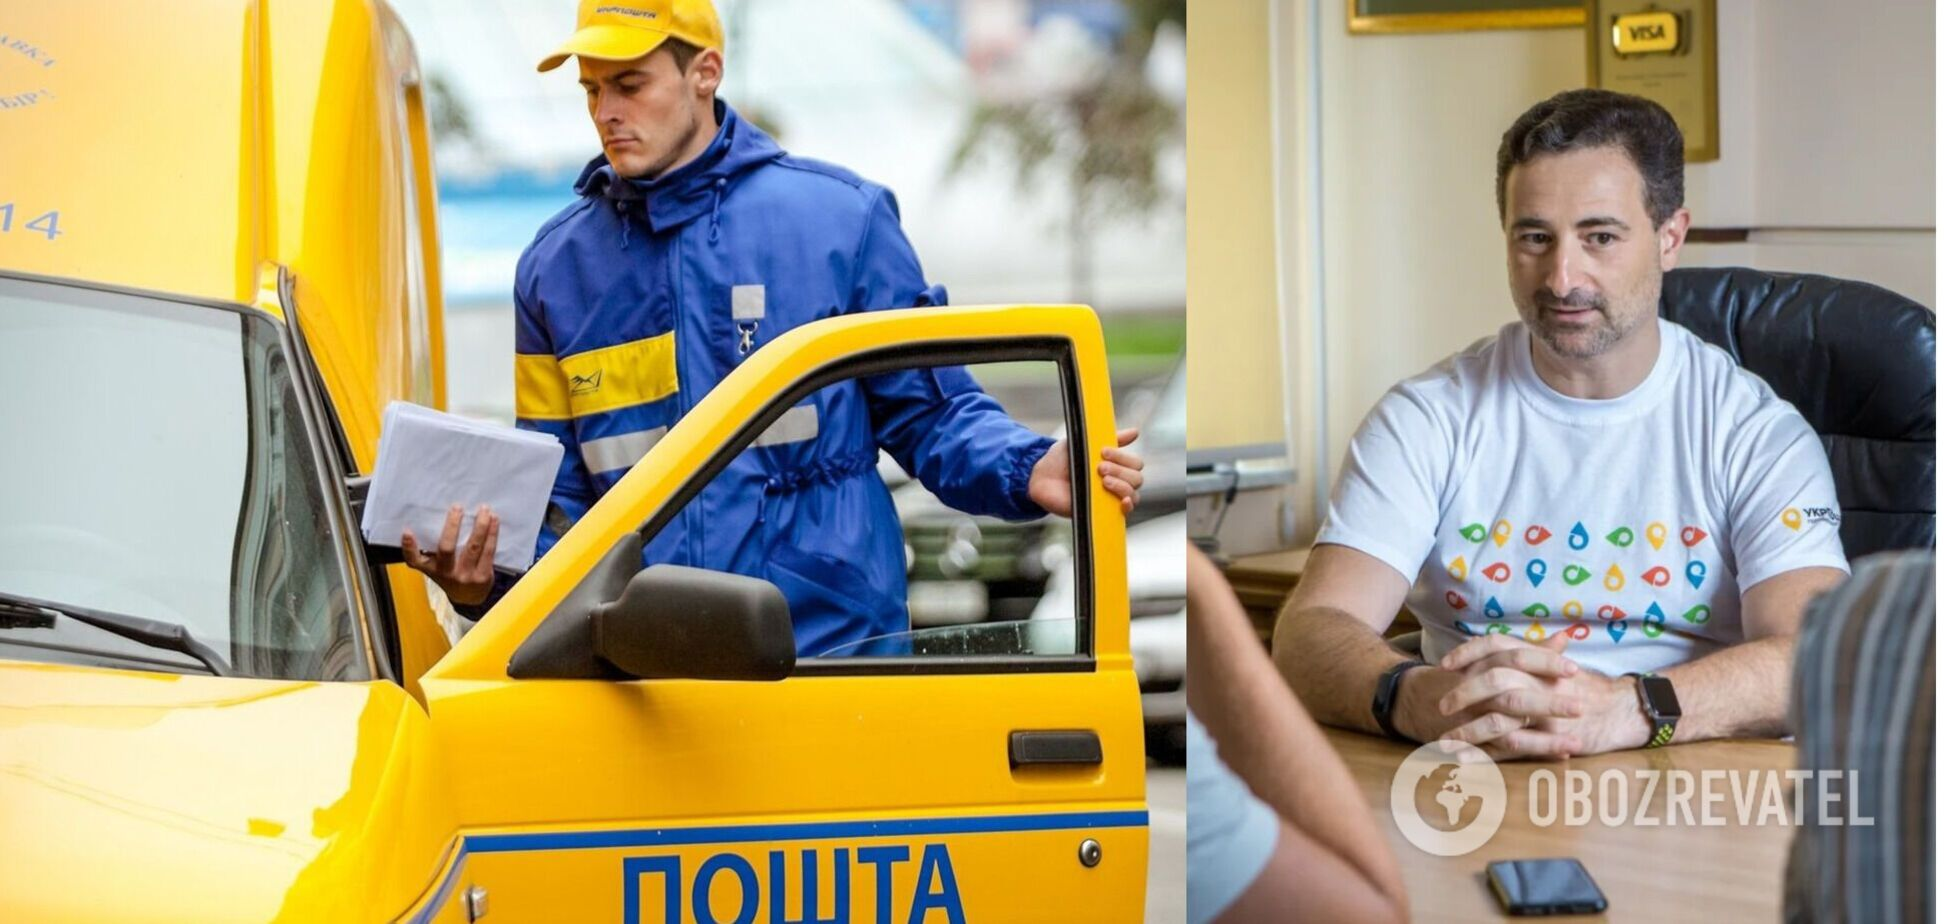 Почтальоны 'Укрпочты' зарабатывают до тысячи долларов в месяц, – Смелянский